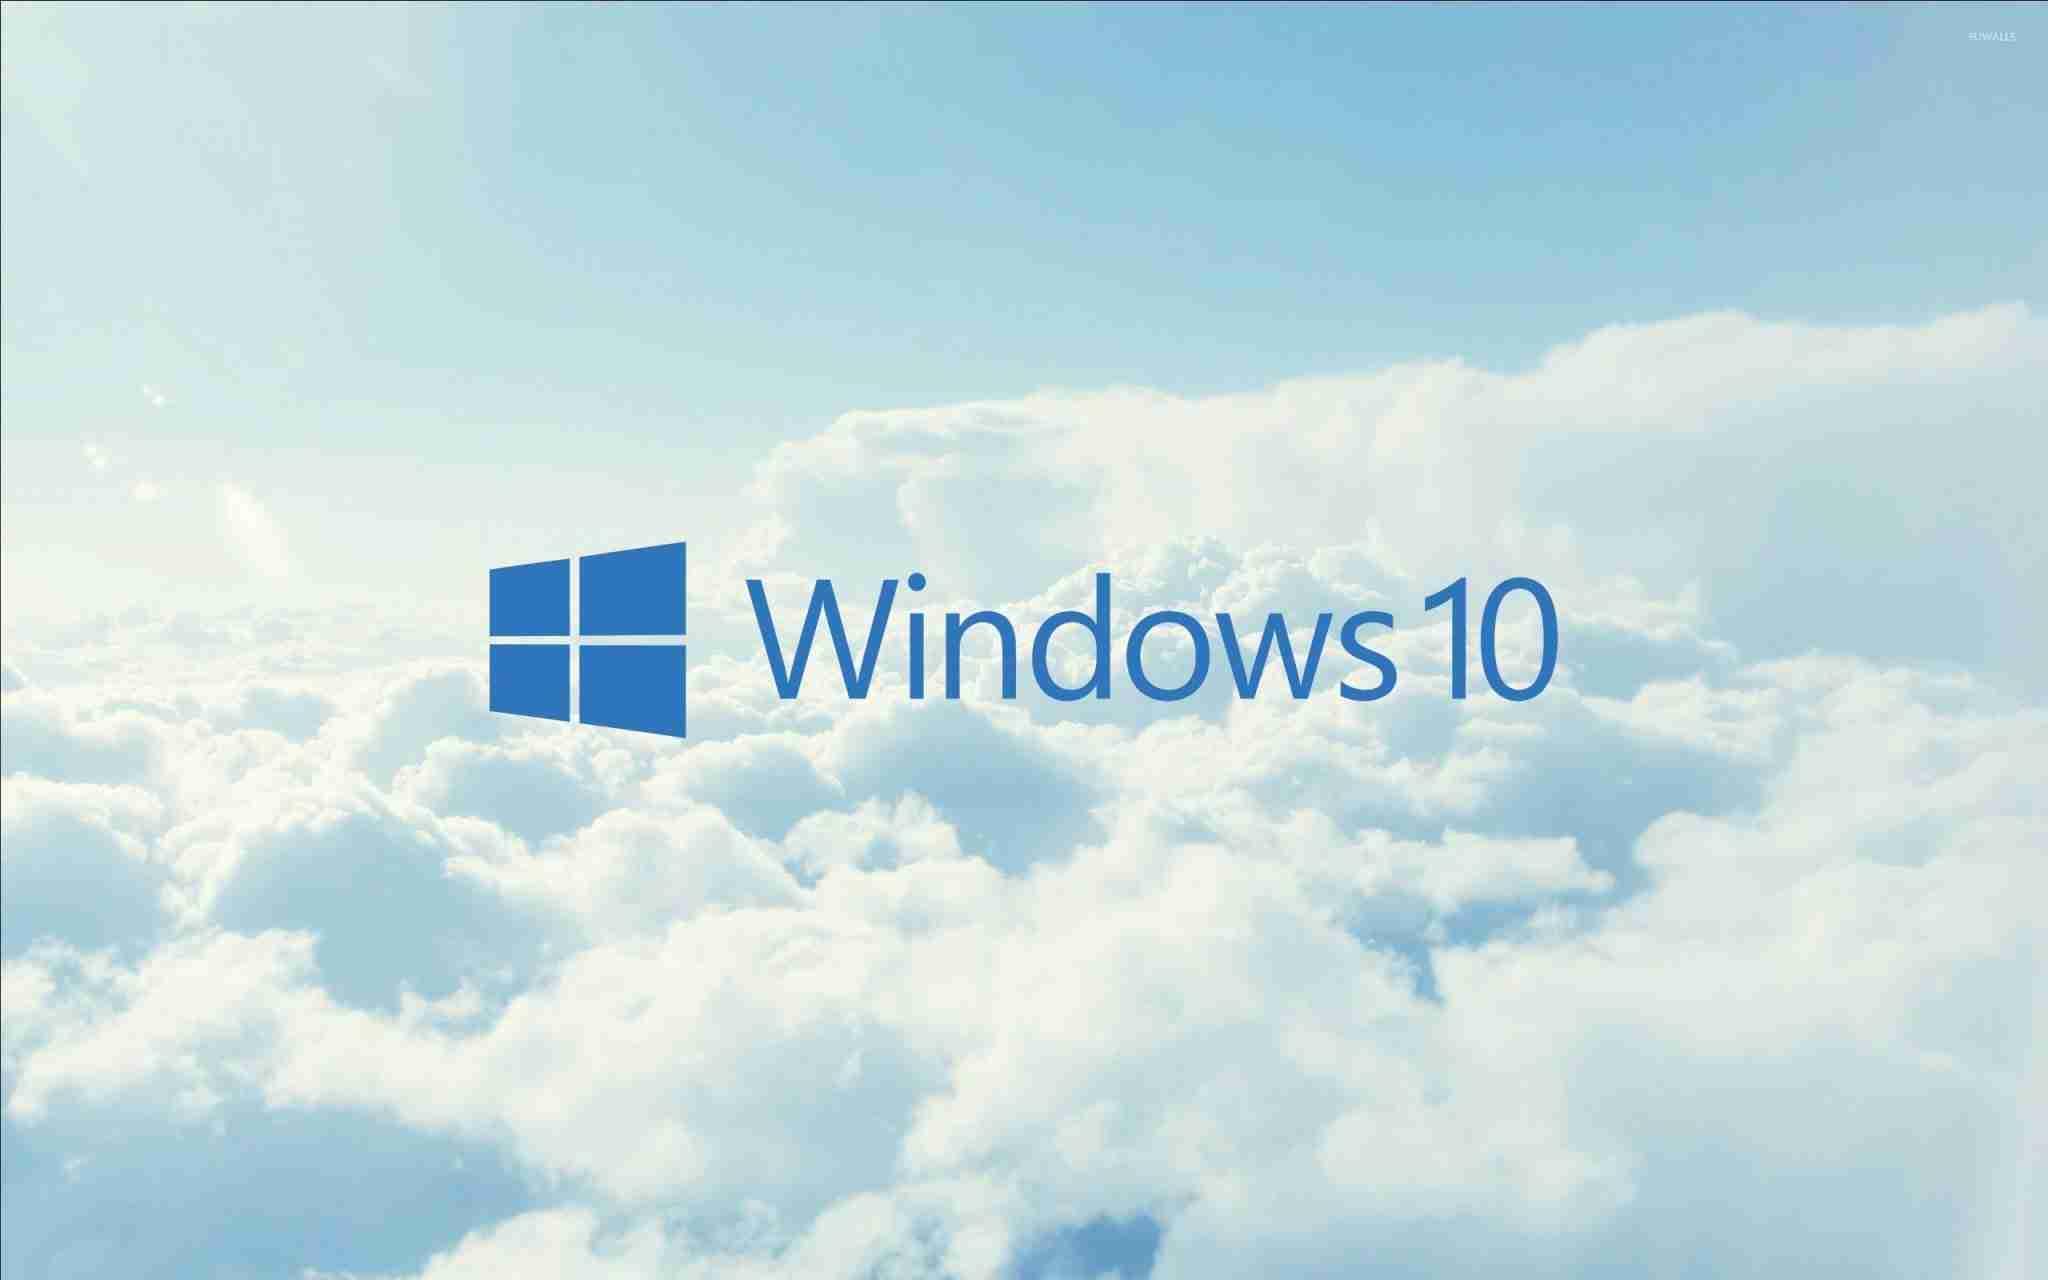 Versioni windows 10 le loro differenze e quale scegliere.